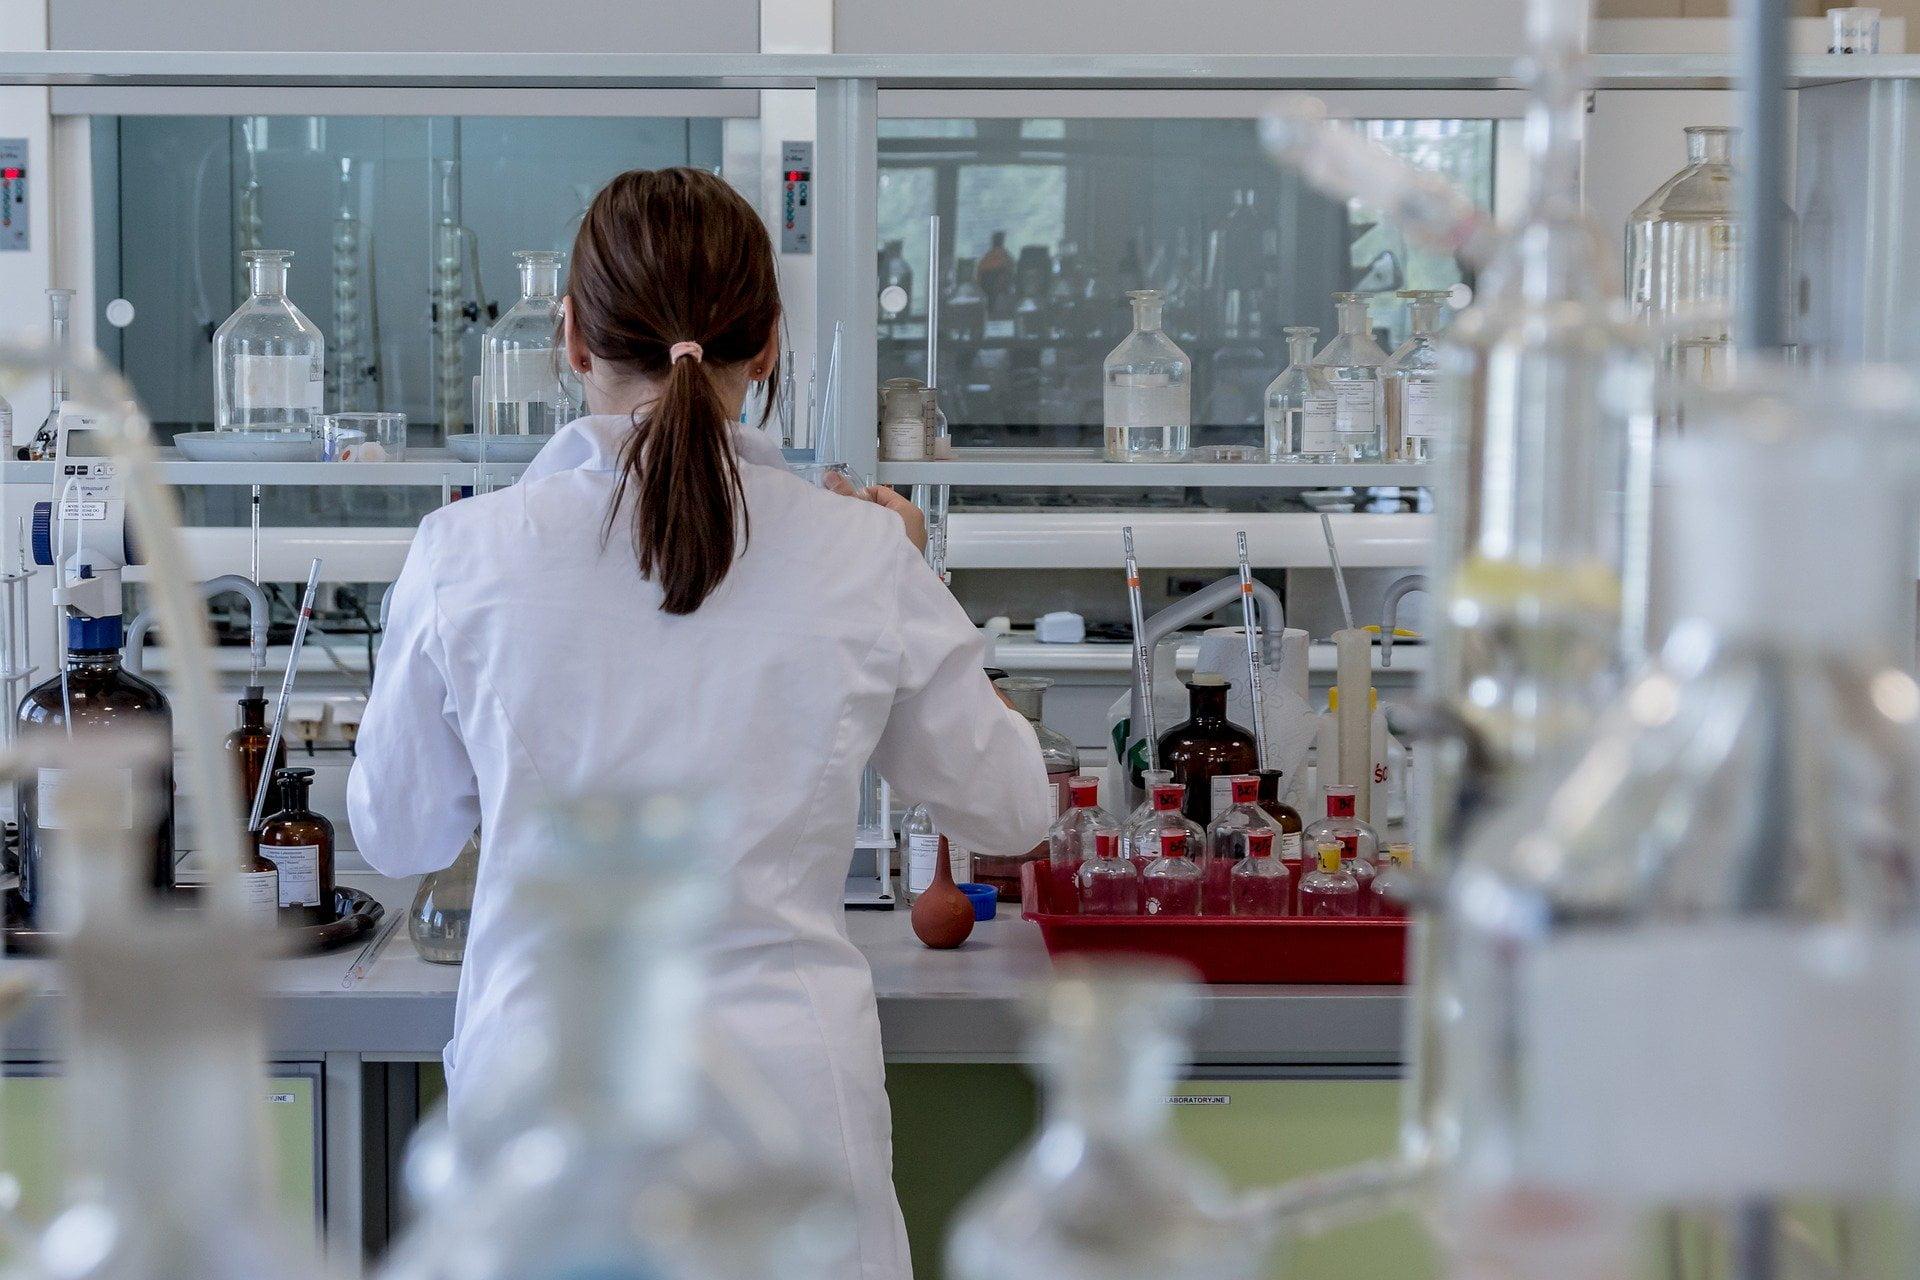 Testul Papanicolau a fost introdus in programul de evaluare a sanatatii